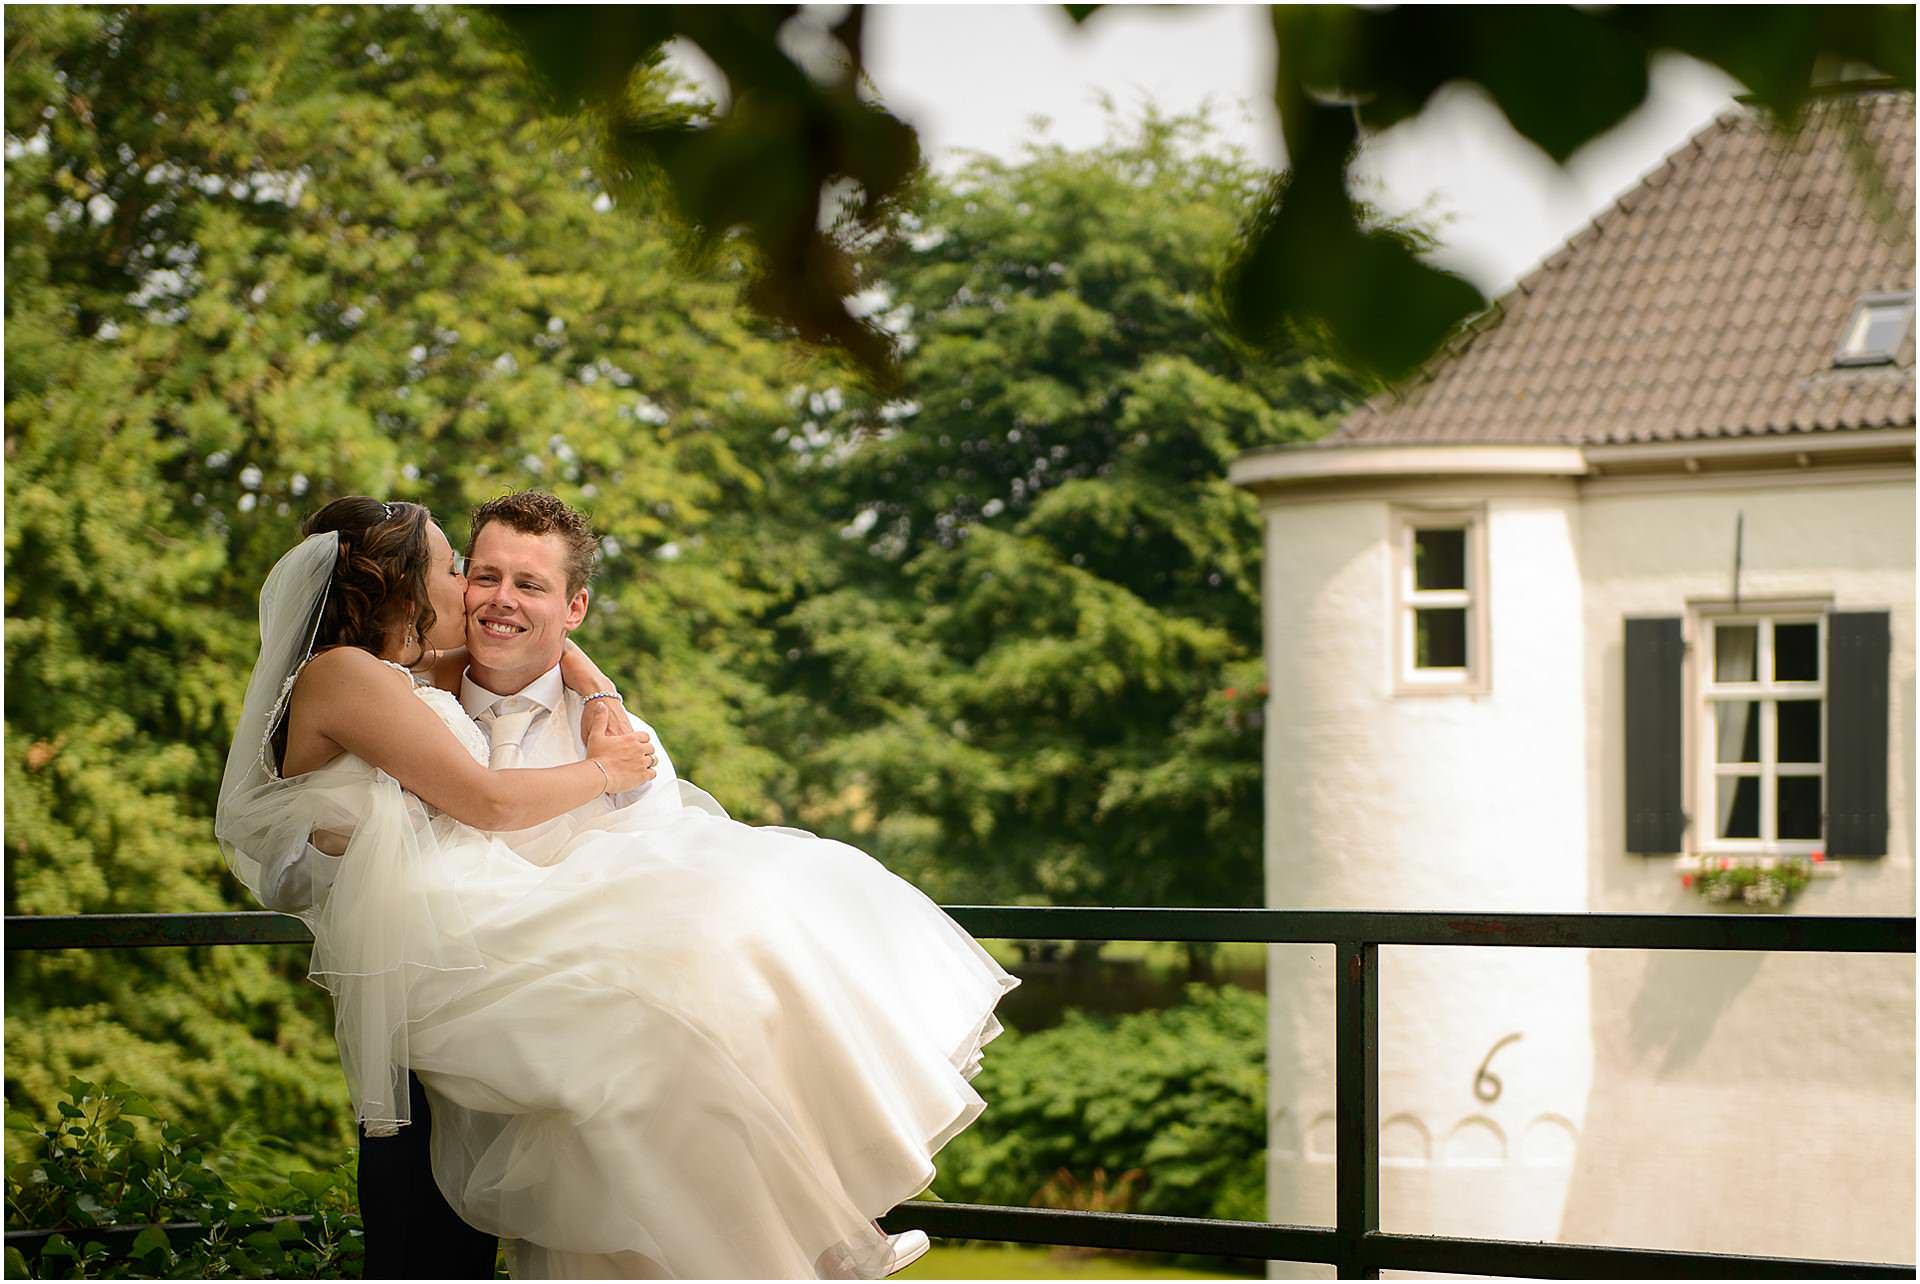 Bruidsfotografie Lithoijen (Oss) trouwen in eigen tuin door bruidsfotograaf Sandy Peters_0026.jpg